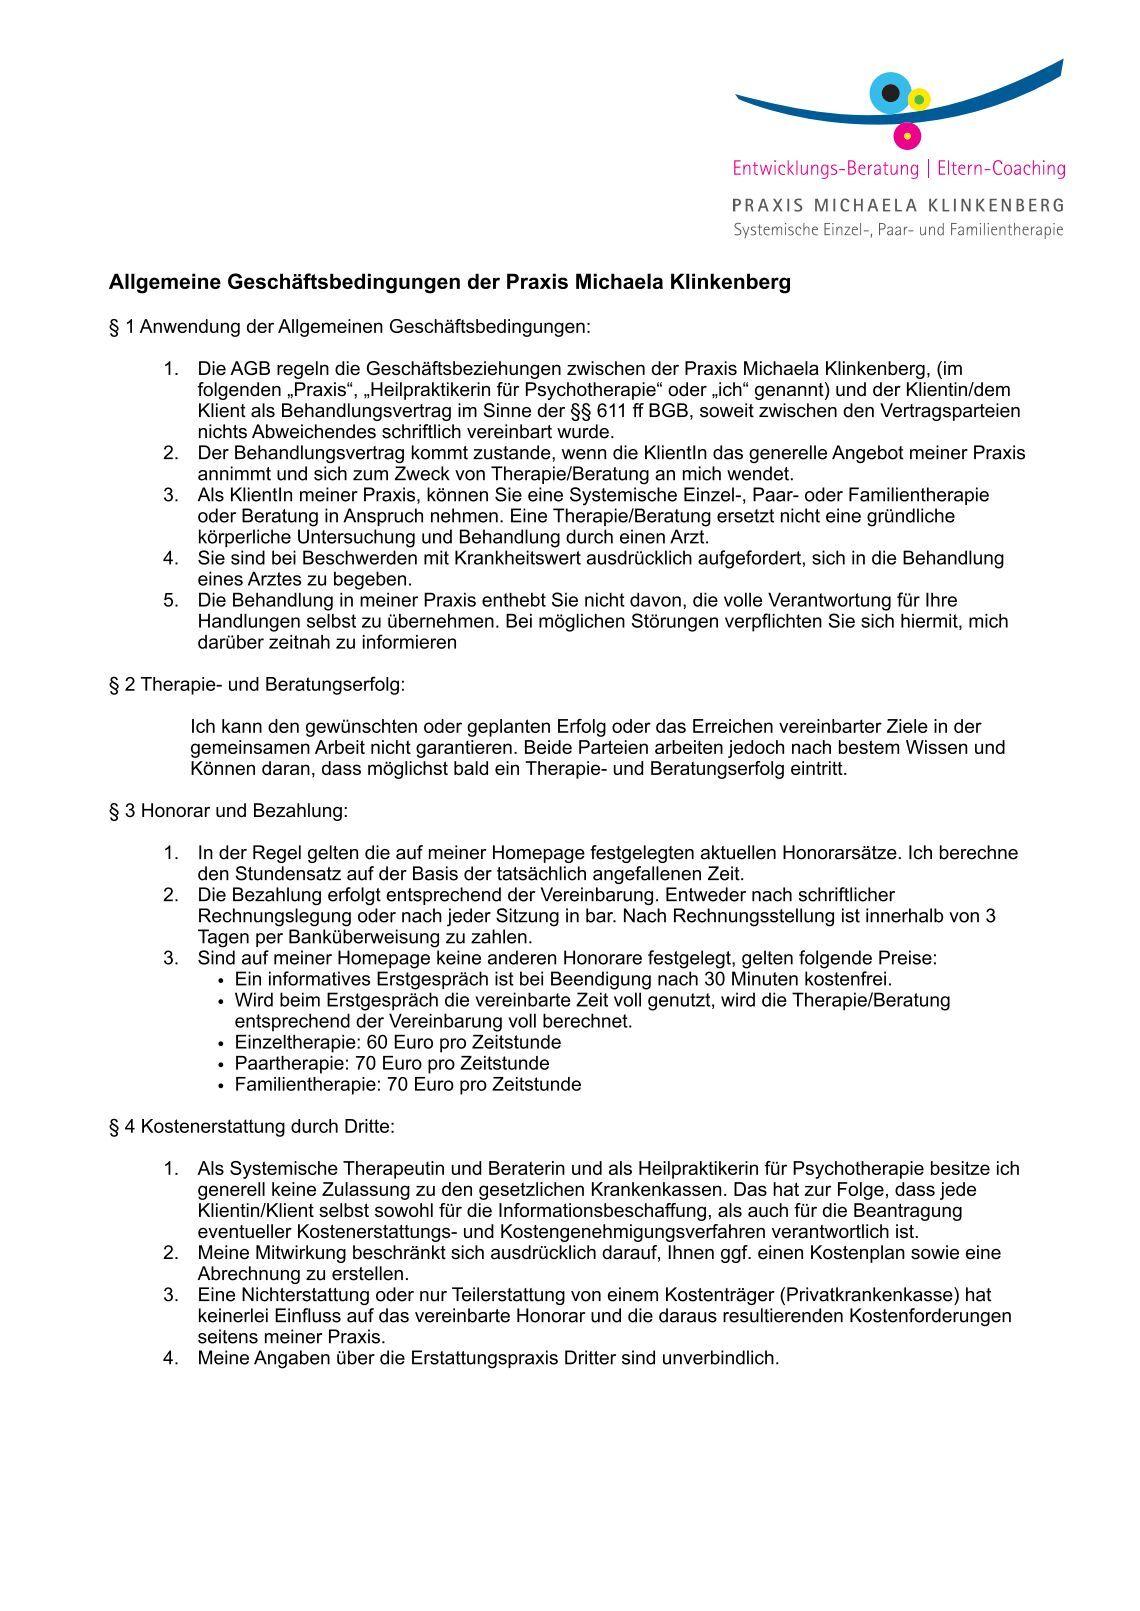 Groß Allgemeines Ziel Für Lebenslauf Galerie - Bilder für das ...